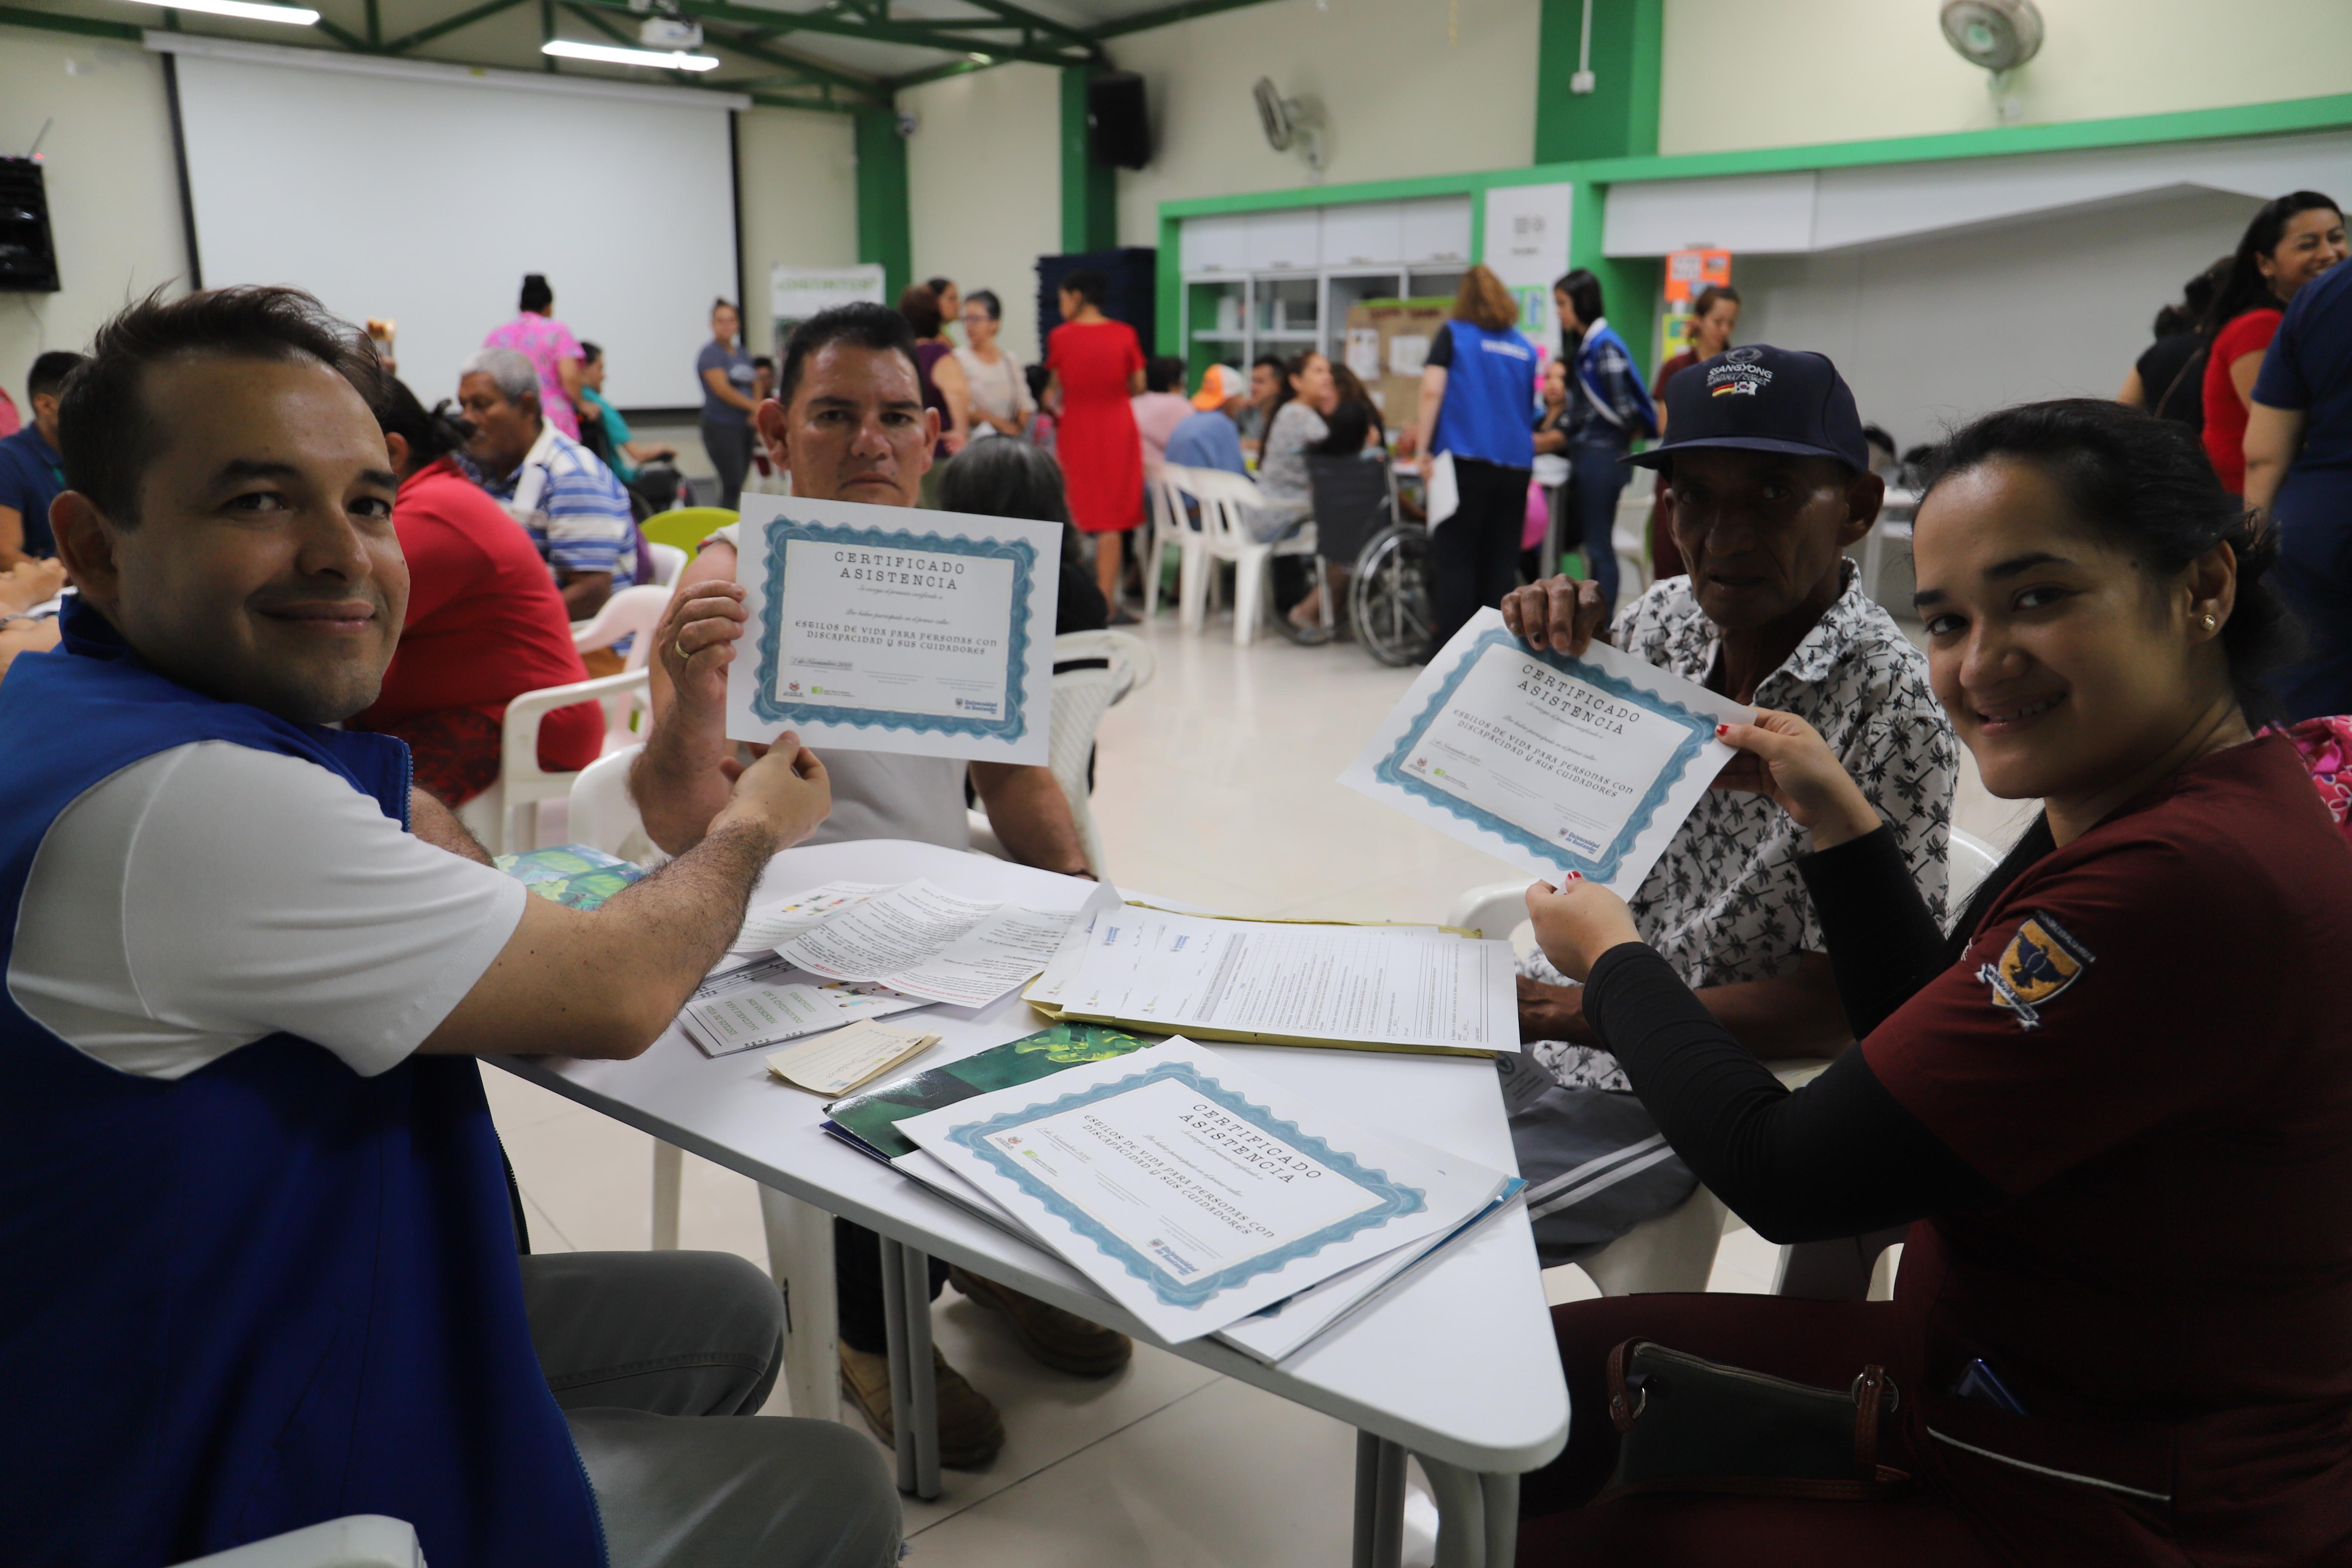 UDES promueve conocimientos saludables. Núcleos para el cuidado de personas con discapacidad | Variedades | EL FRENTE